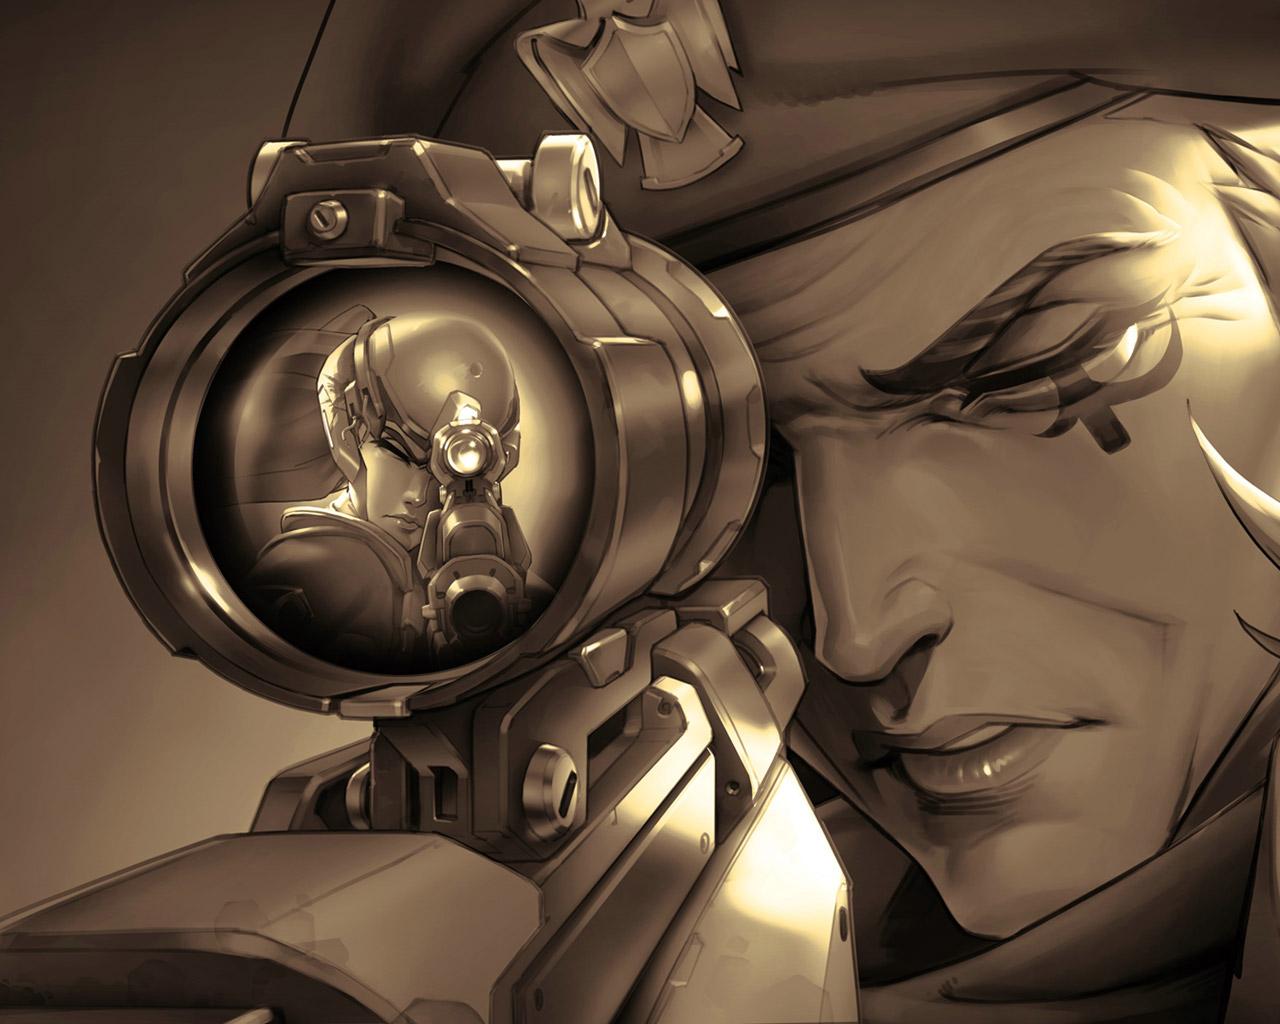 Overwatch Wallpaper in 1280x1024